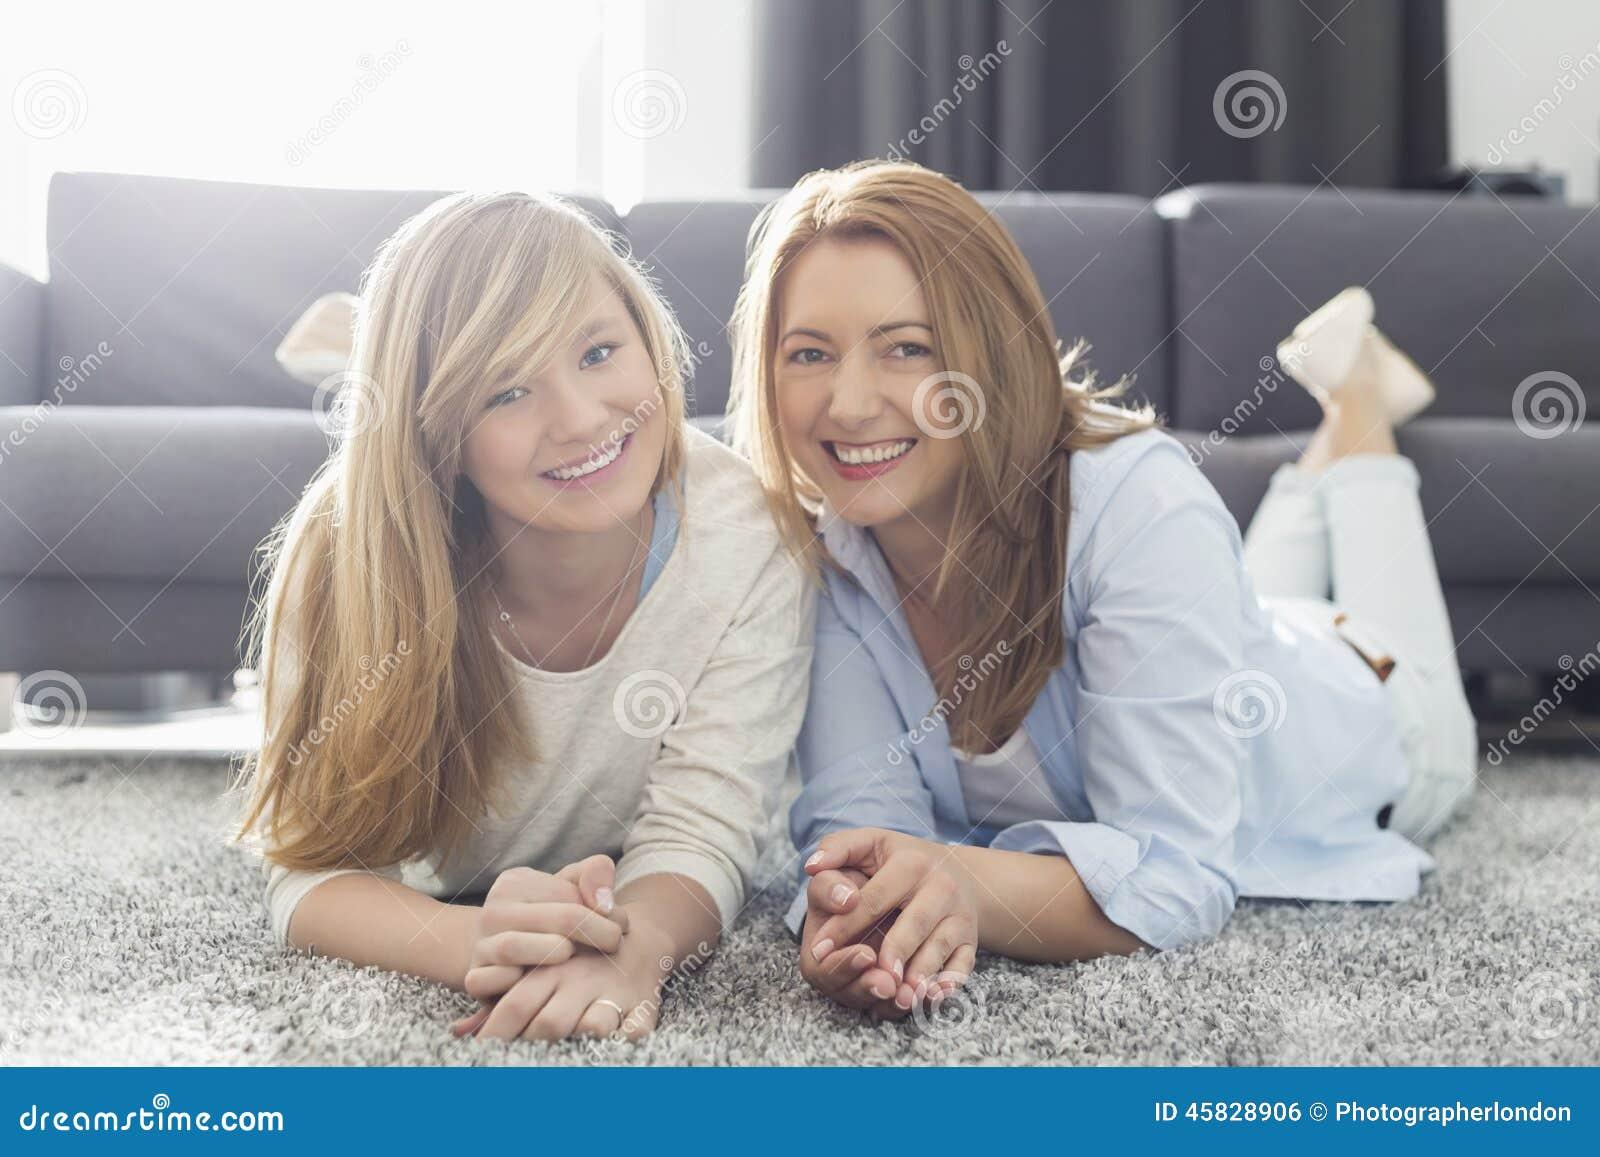 Ritratto della madre e della figlia sorridenti che si trovano sul tappeto